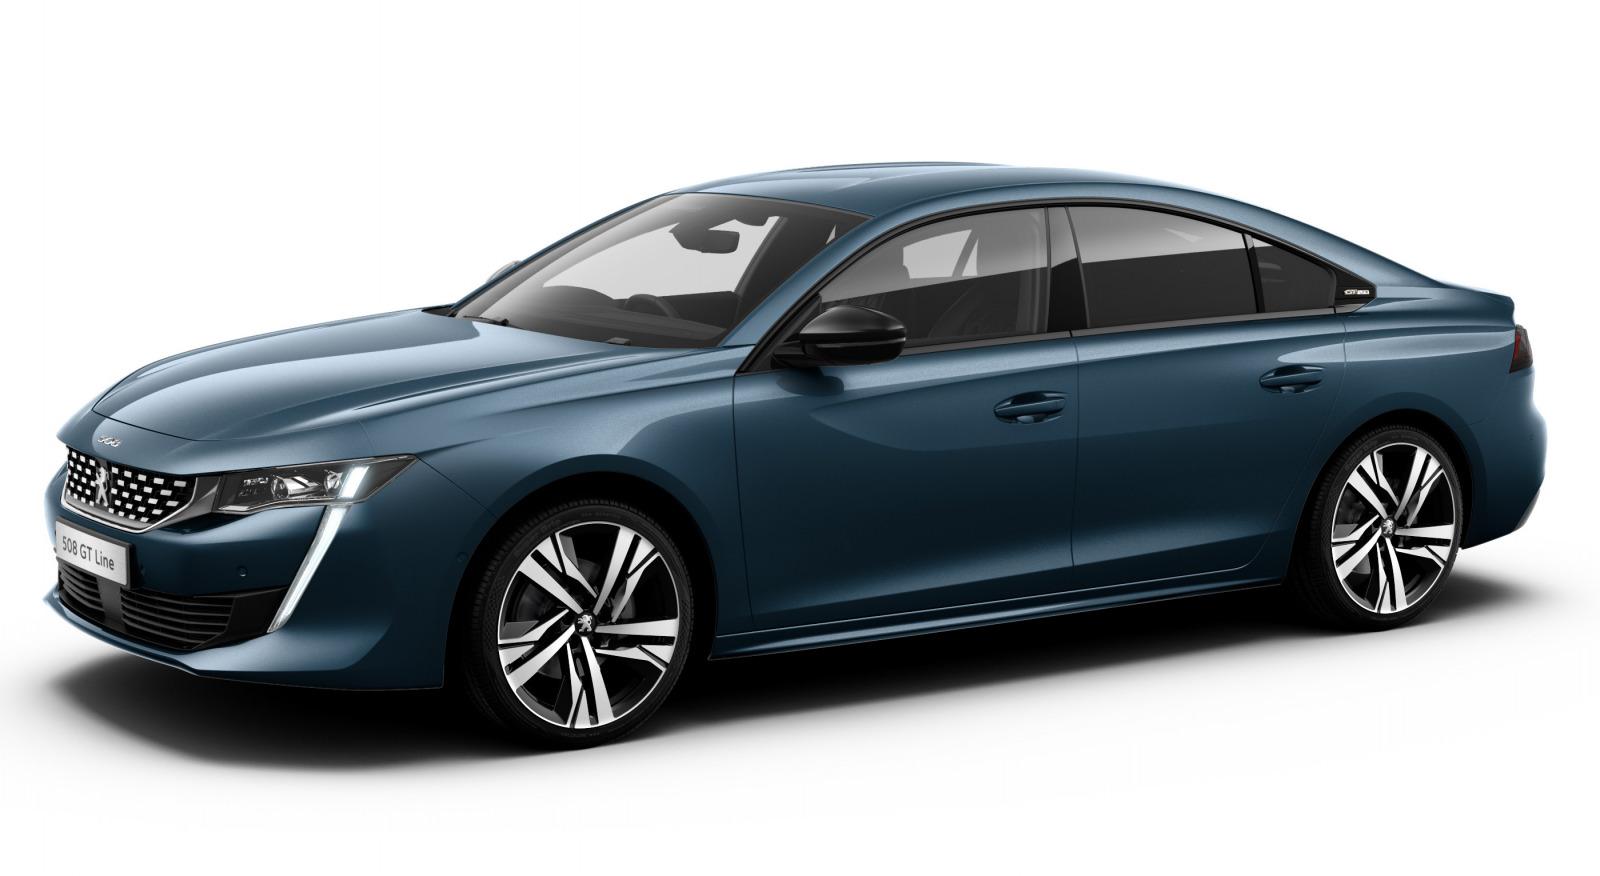 「プジョー508/508SWに人気装備を搭載した特別仕様車「Premium Leather Edition」が設定【新車】」の1枚目の画像